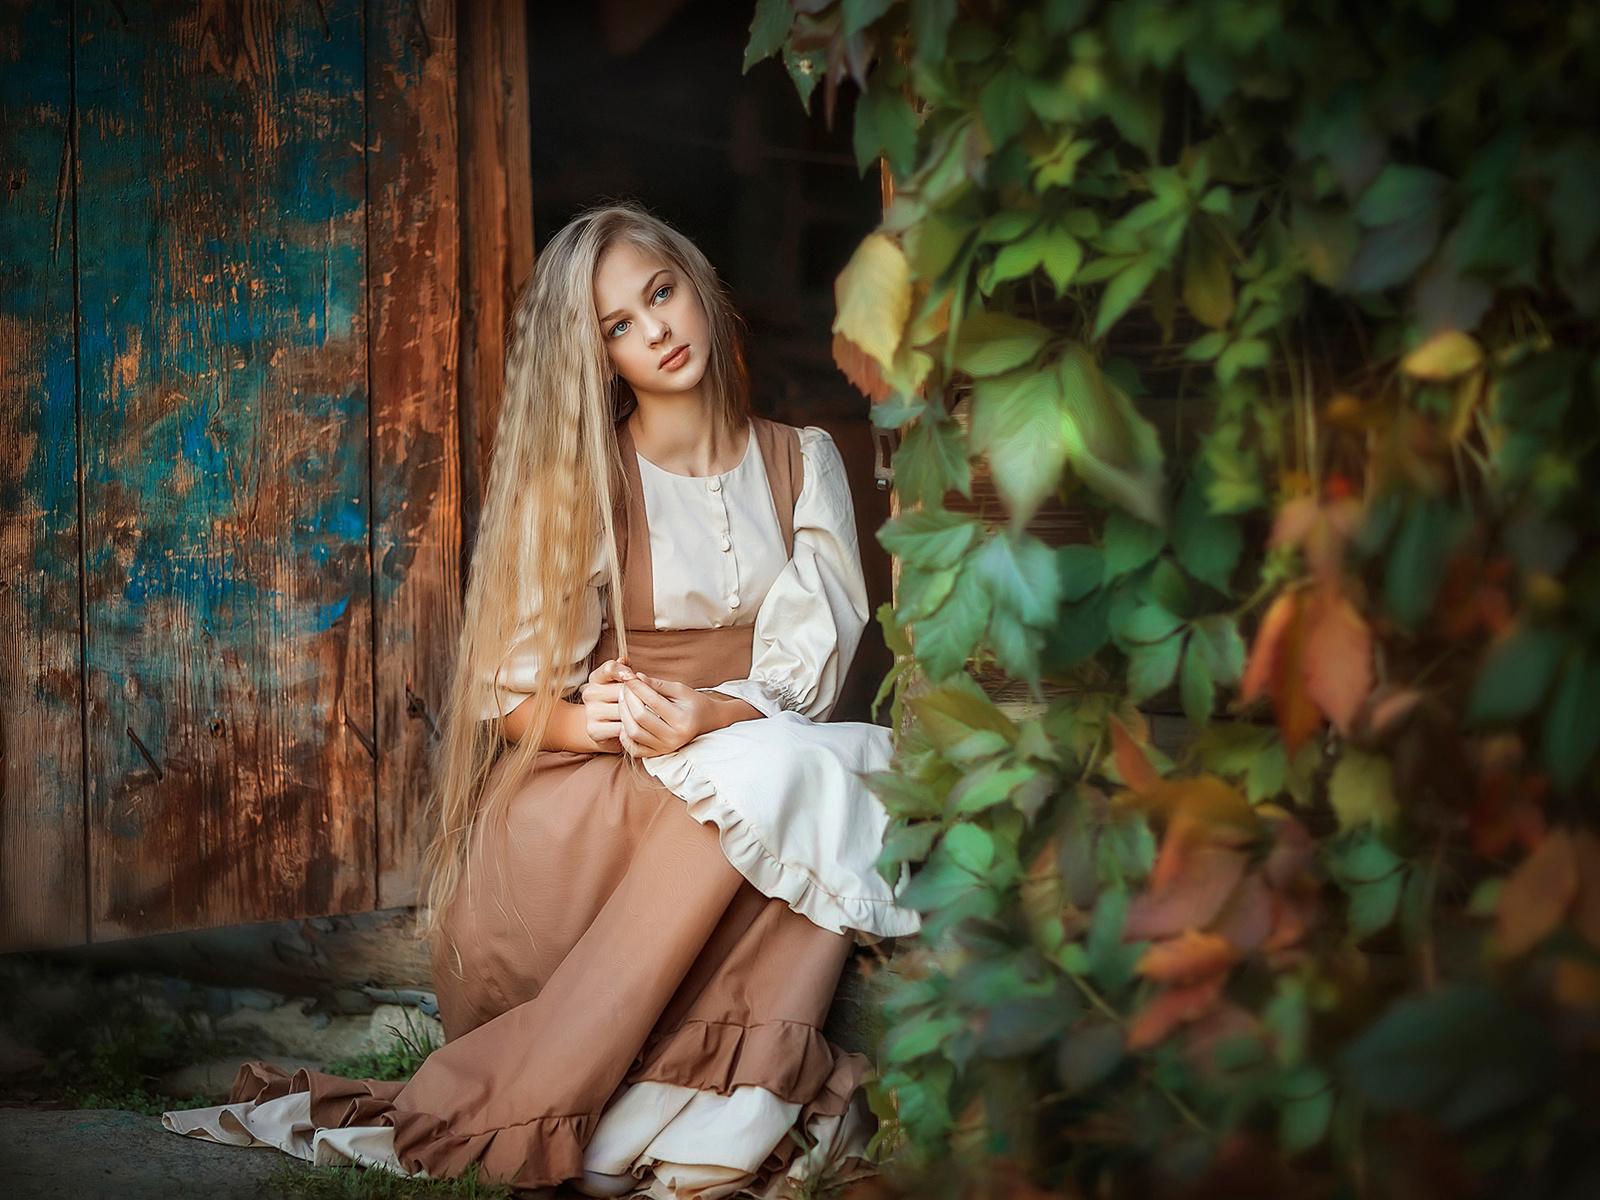 irina nedyalkova, девушка, блондинка, взгляд, блузка, сарафан, дверь, порог, плющ, листья